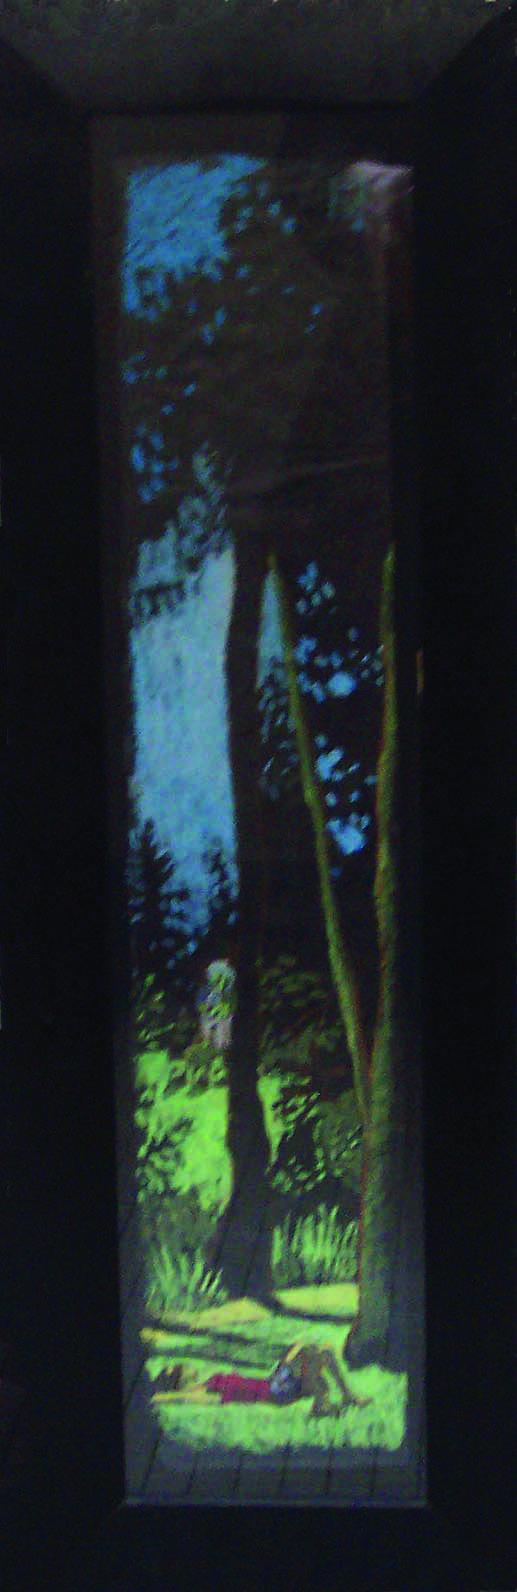 Orléans - 1998